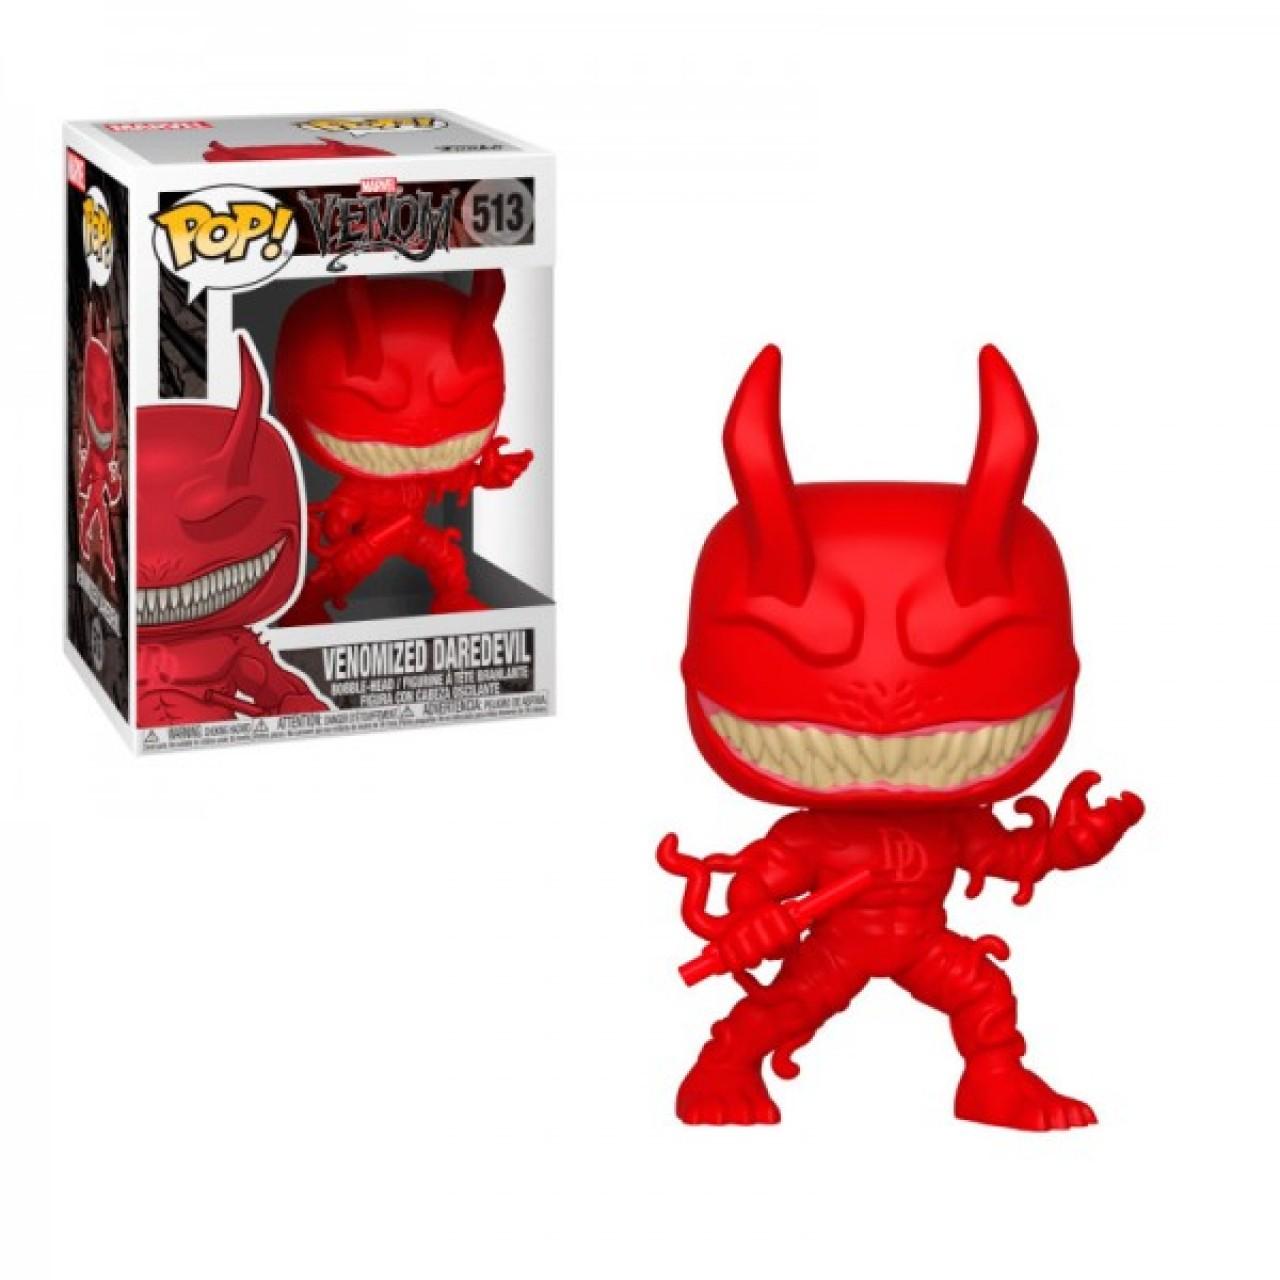 Фигурка Funko Pop Мстители Марвел: Веном-Сорвиголова (40706) #513 Marvel Venom - Daredevil